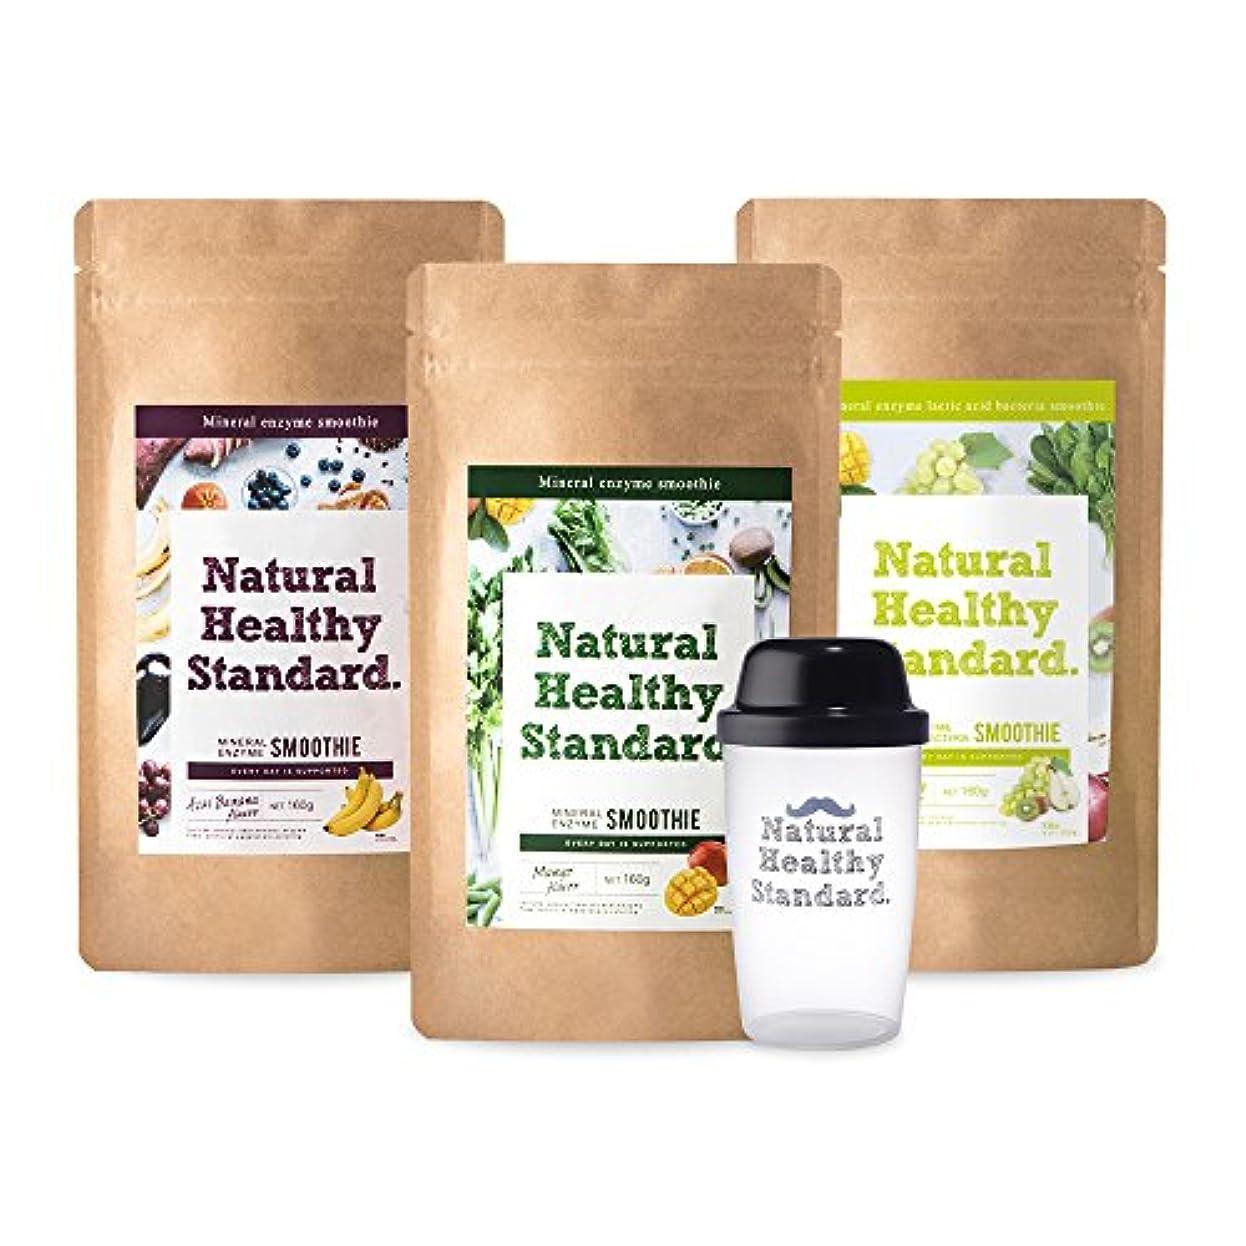 不確実保存軽くNatural Healthy Standard. 選べるスムージー3袋セット 160g×3袋 (マンゴー×アサイーバナナ×乳酸菌グリーンフルーティー風味)